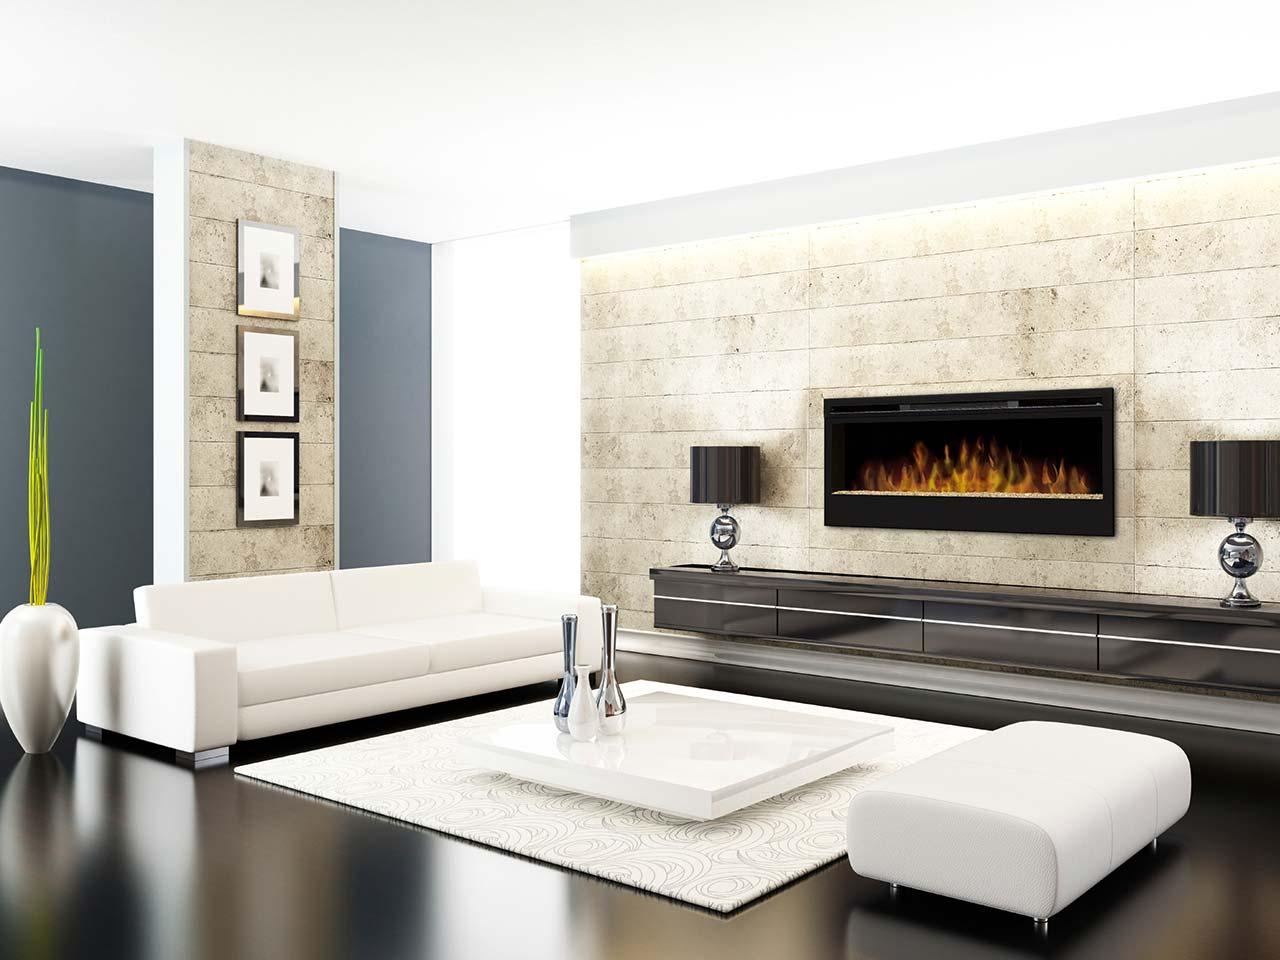 Panorama Elektrokamin von Faber Modell BLF50-LS mit großer Scheibe und toller Flammenoptik